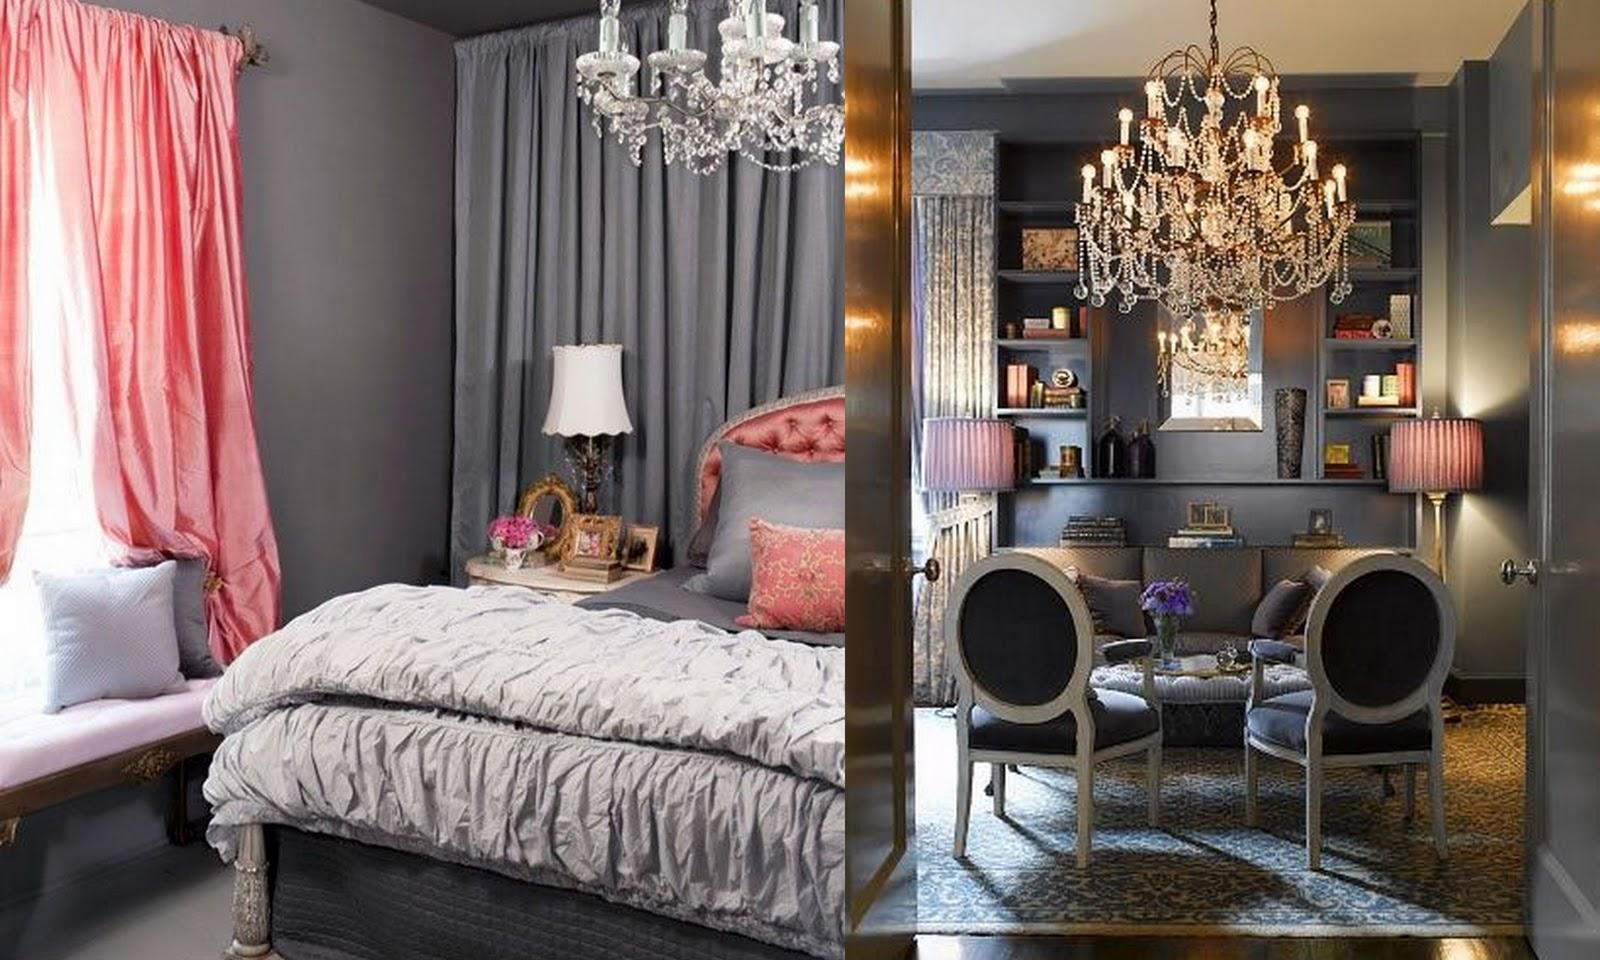 Marie Antoinette Inspired Bedroom Spanglish Chic Marie Antoinette Inspired Decor Decoracion